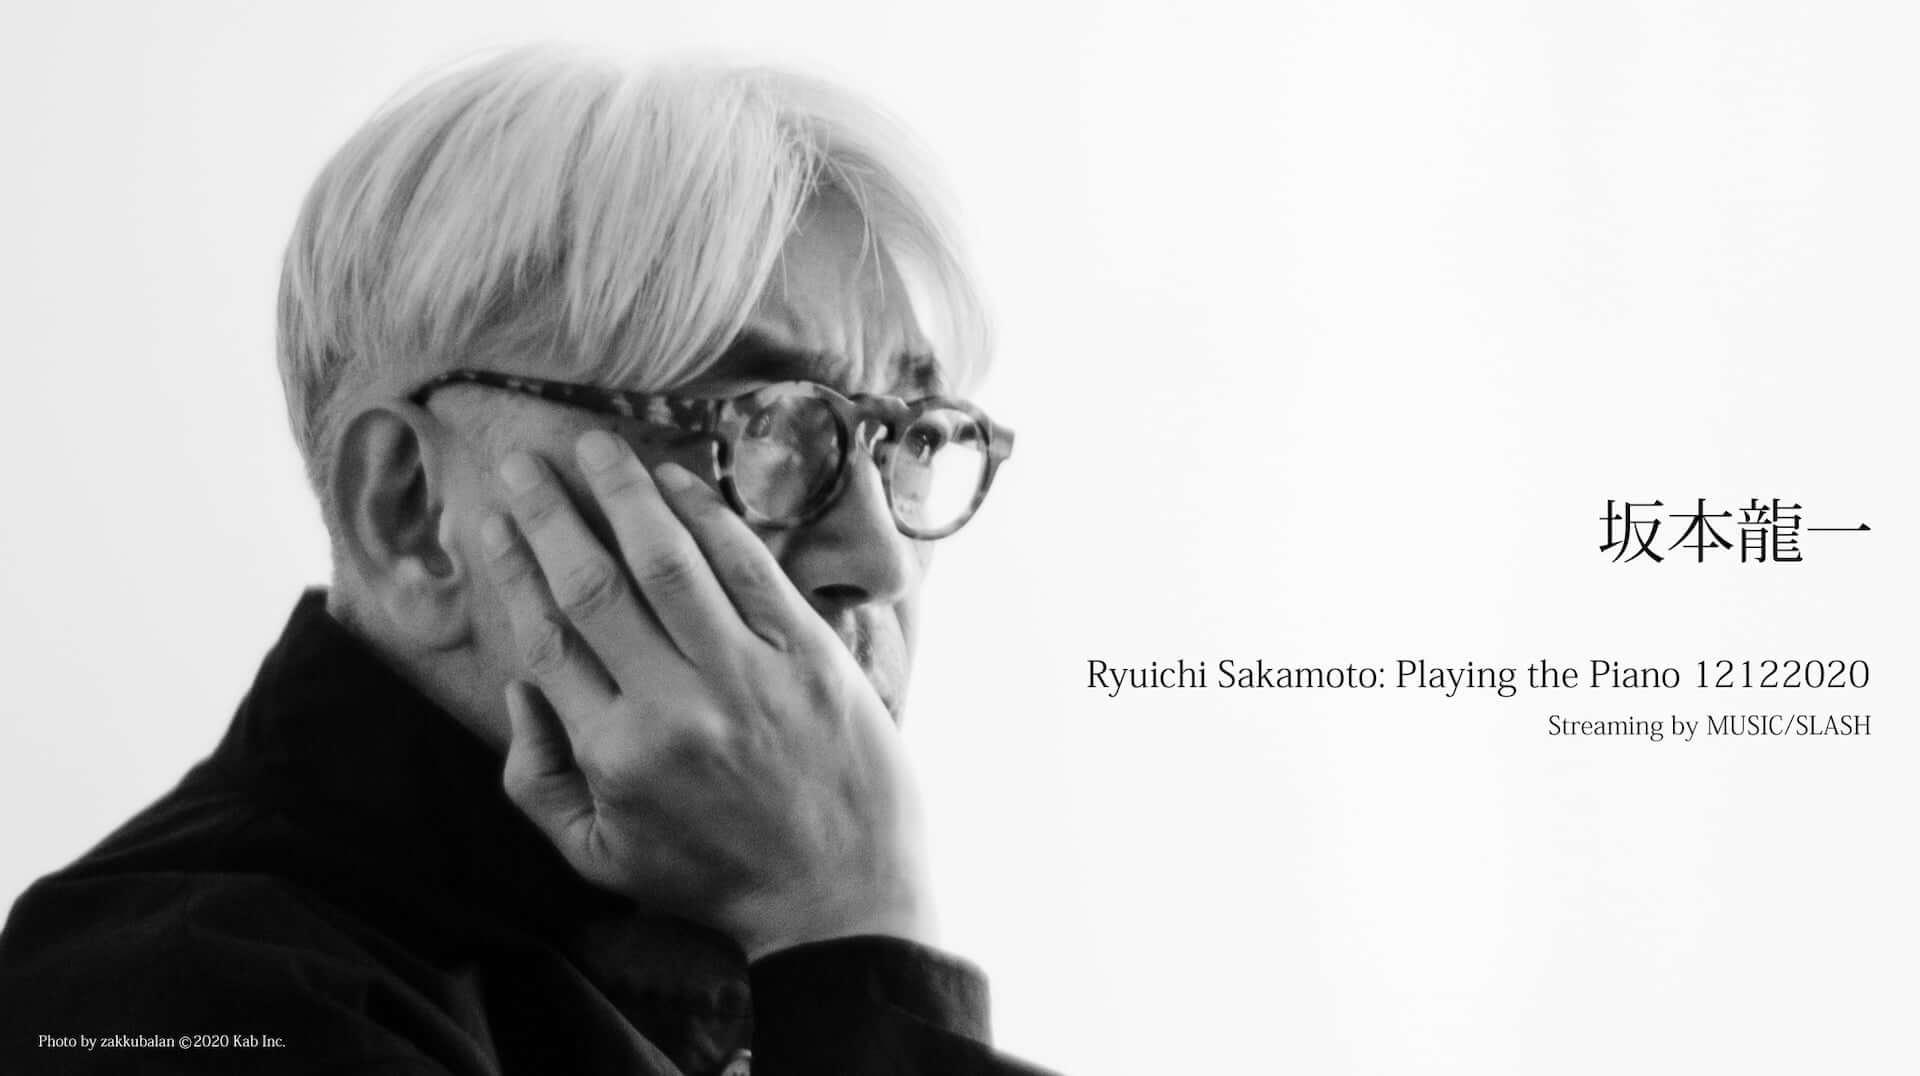 坂本龍一のピアノコンサートがRhizomatiksによる演出のもとで開催決定!業界最高レベルの音質を実現する「MUSIC/SLASH」にて配信 music201022_ryuichisakamoto_2-1920x1076